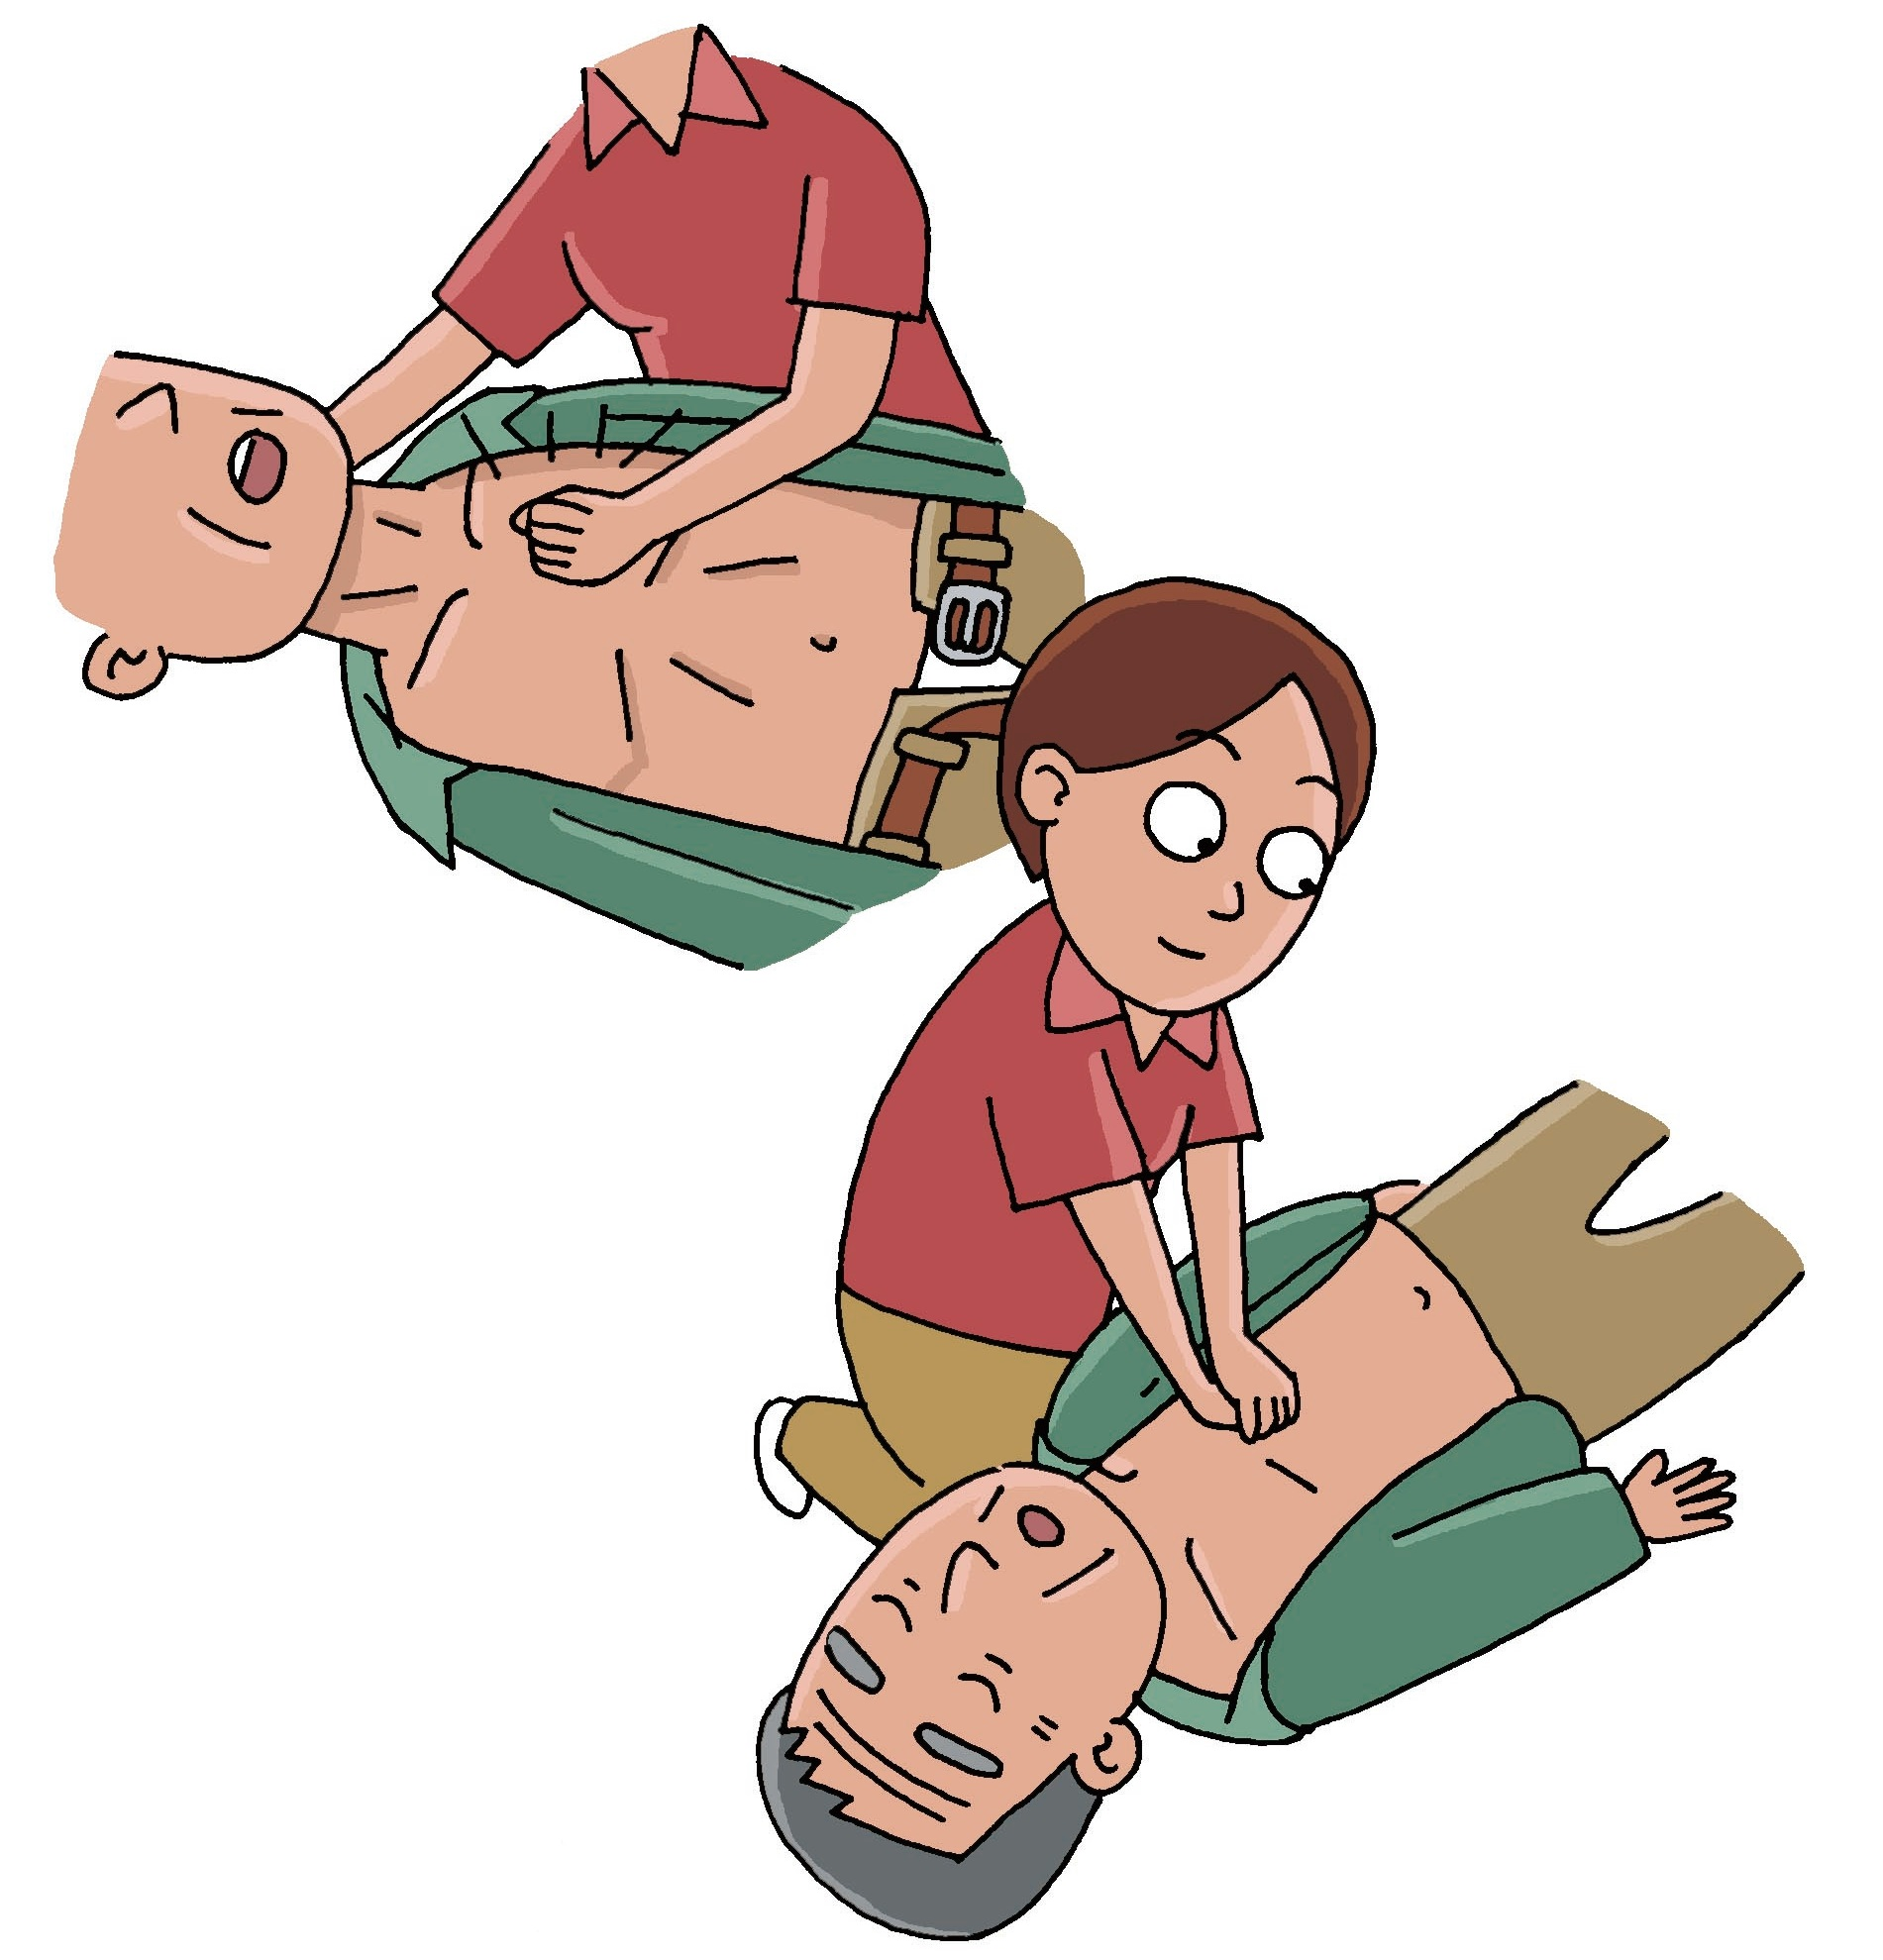 呼吸停止   指处于没有呼吸的状态   呼吸停止时的应对   确保呼吸道畅通   1、让患者仰卧,单手按住患者额头   2、用另一只手的中指和食指抬起患者下颌,同时将额头慢慢向下压    确认有无呼吸   1、胸部是否上下在动?   2、能否听到呼吸声?   3、能否感觉到气息?    如果没有呼吸的话用手帕或纱布覆盖患者口腔,用专用吹口等防止感染的工具进行人工呼吸。捏住患者的鼻子,口对口吹气至胸部抬起。一次不成功,就重复第二次。   实施没有反应的话,应实行心脏按压术。    抢救流程